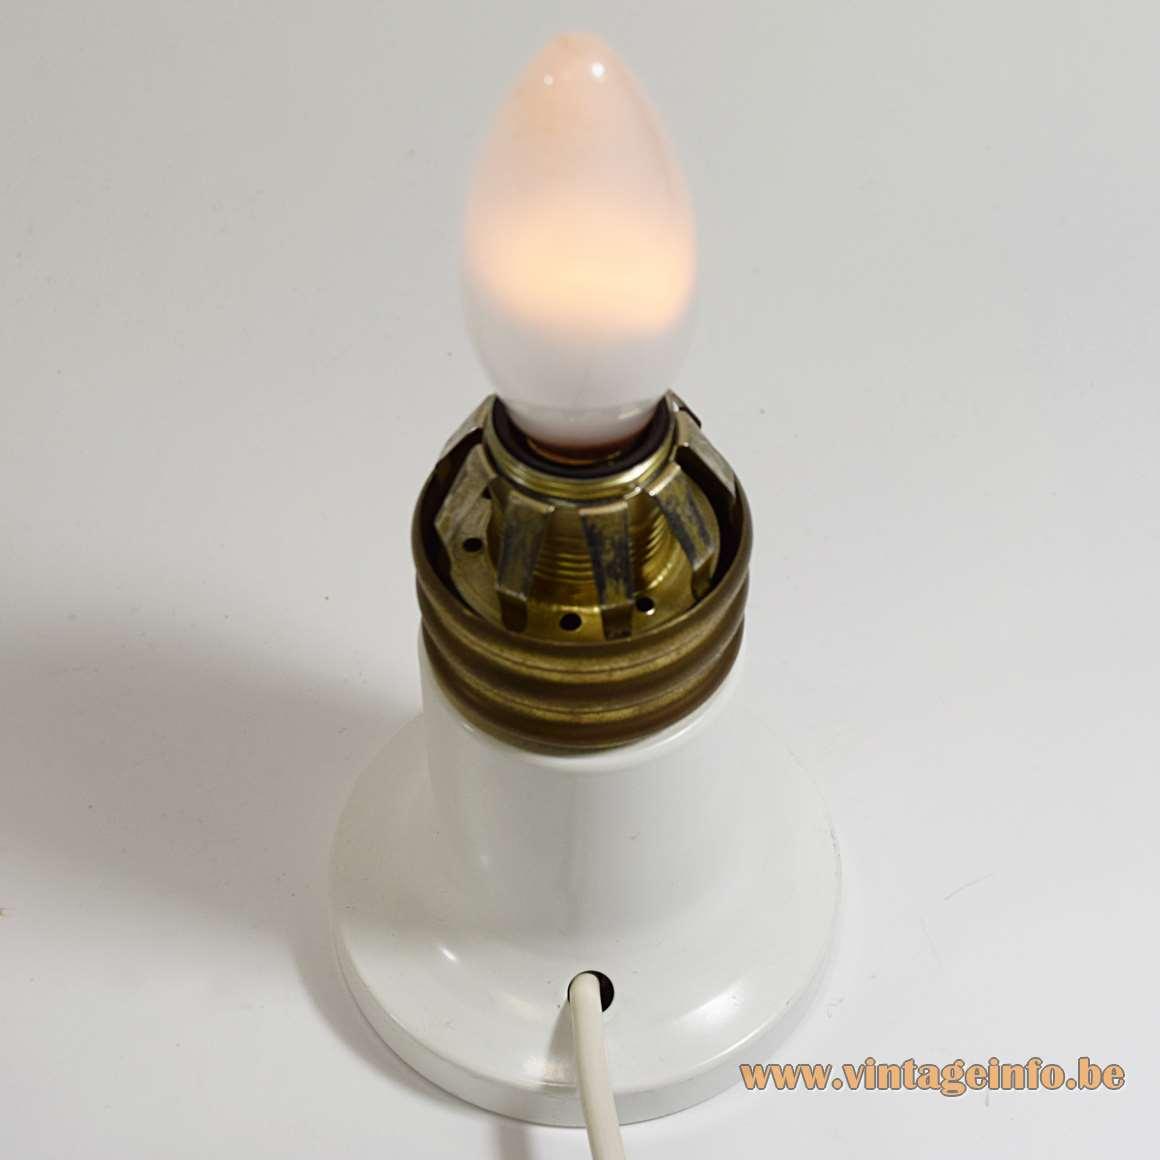 Bulb Table Lamp - inside